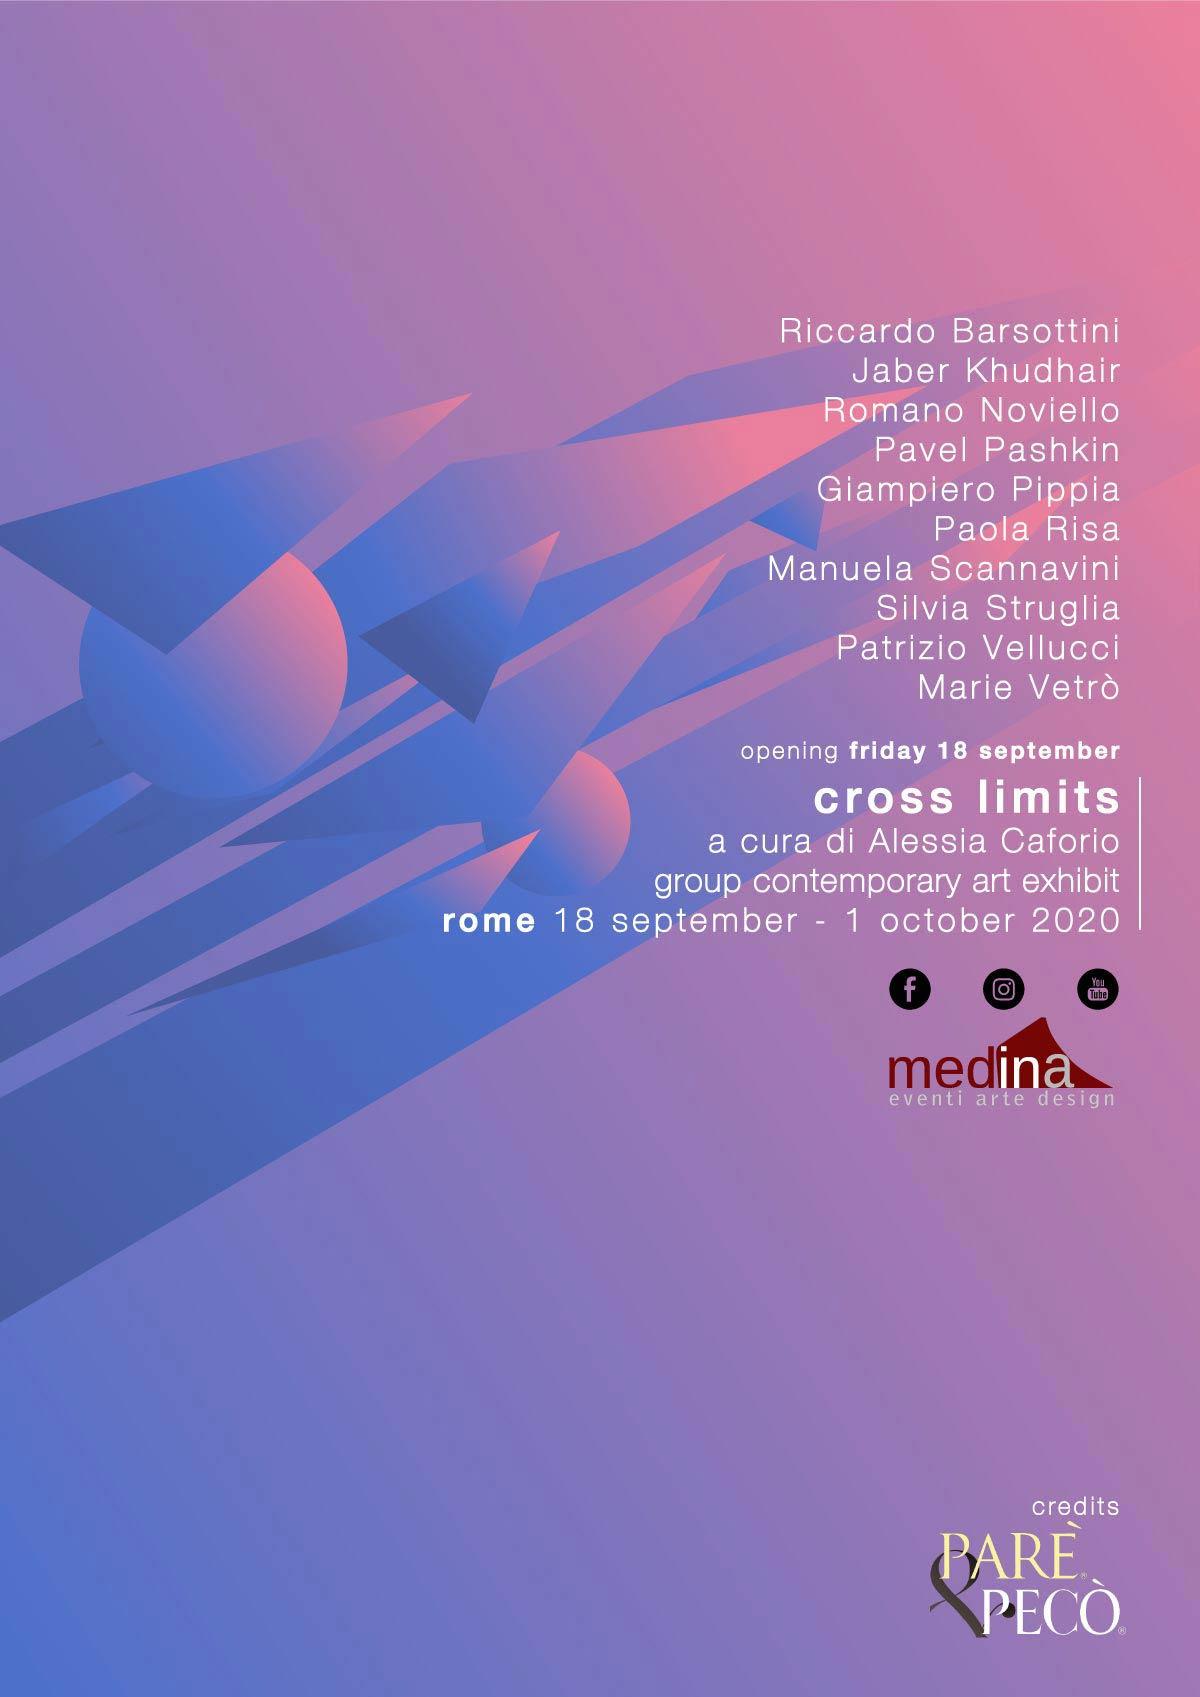 Dal 18 Settembre al 1 Ottobre 2020 - Cross Limits Contemporary Art Exhibit - Roma